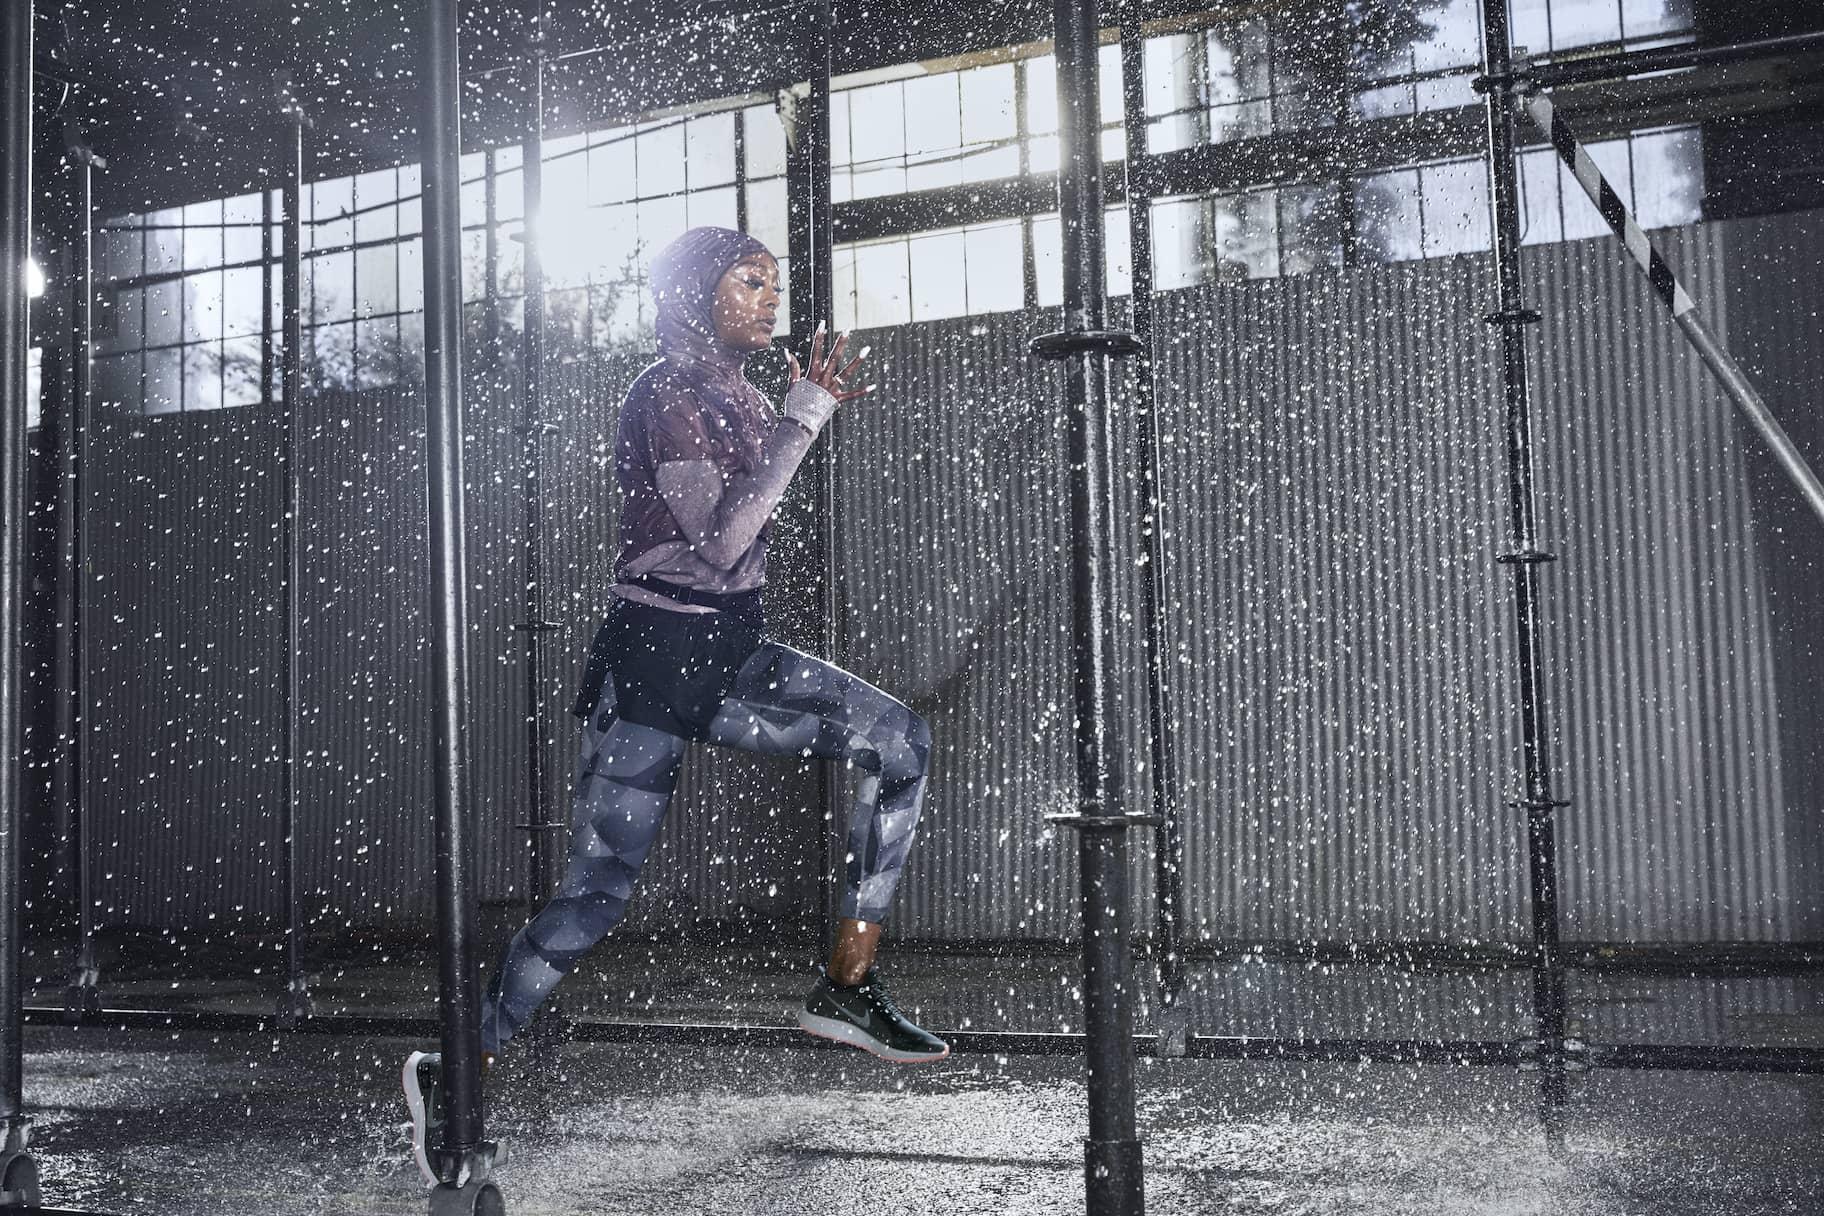 適合雨天跑步的防水跑步裝備